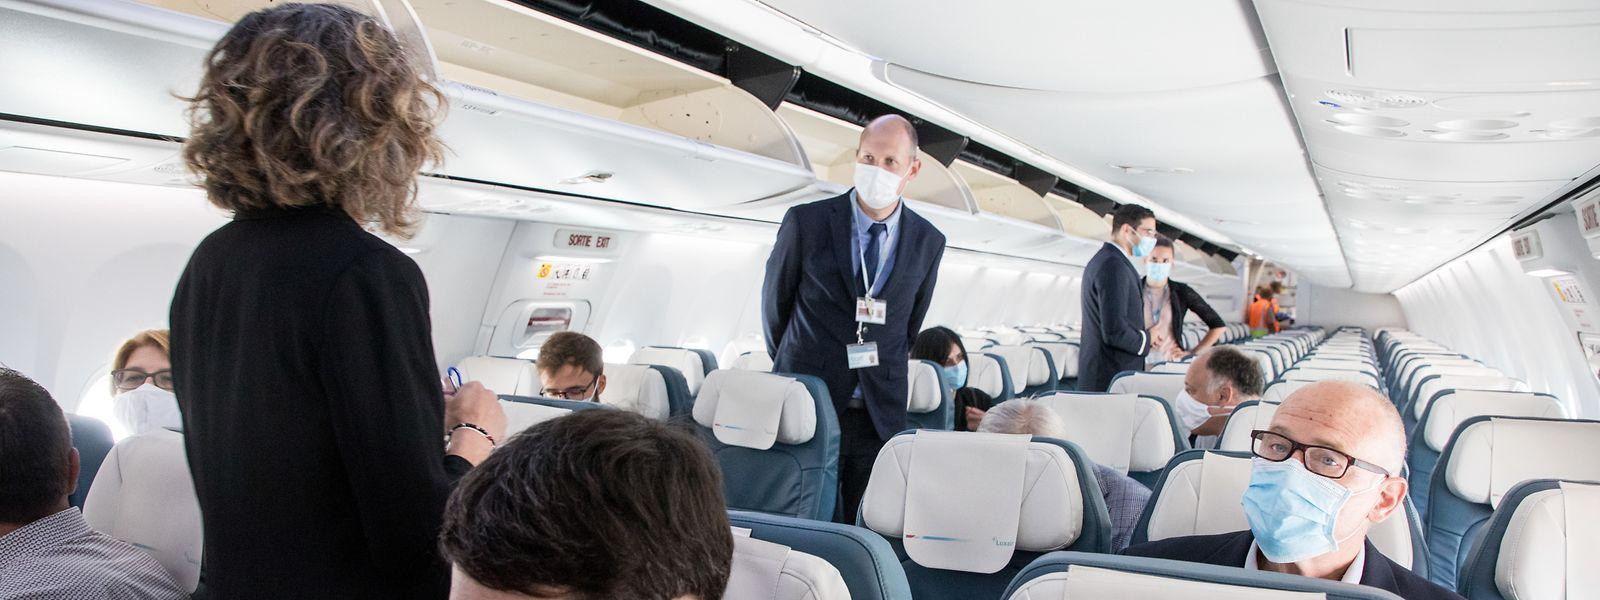 Il faudra juste s'habituer au nouveau look des passagers et du personnel de bord.